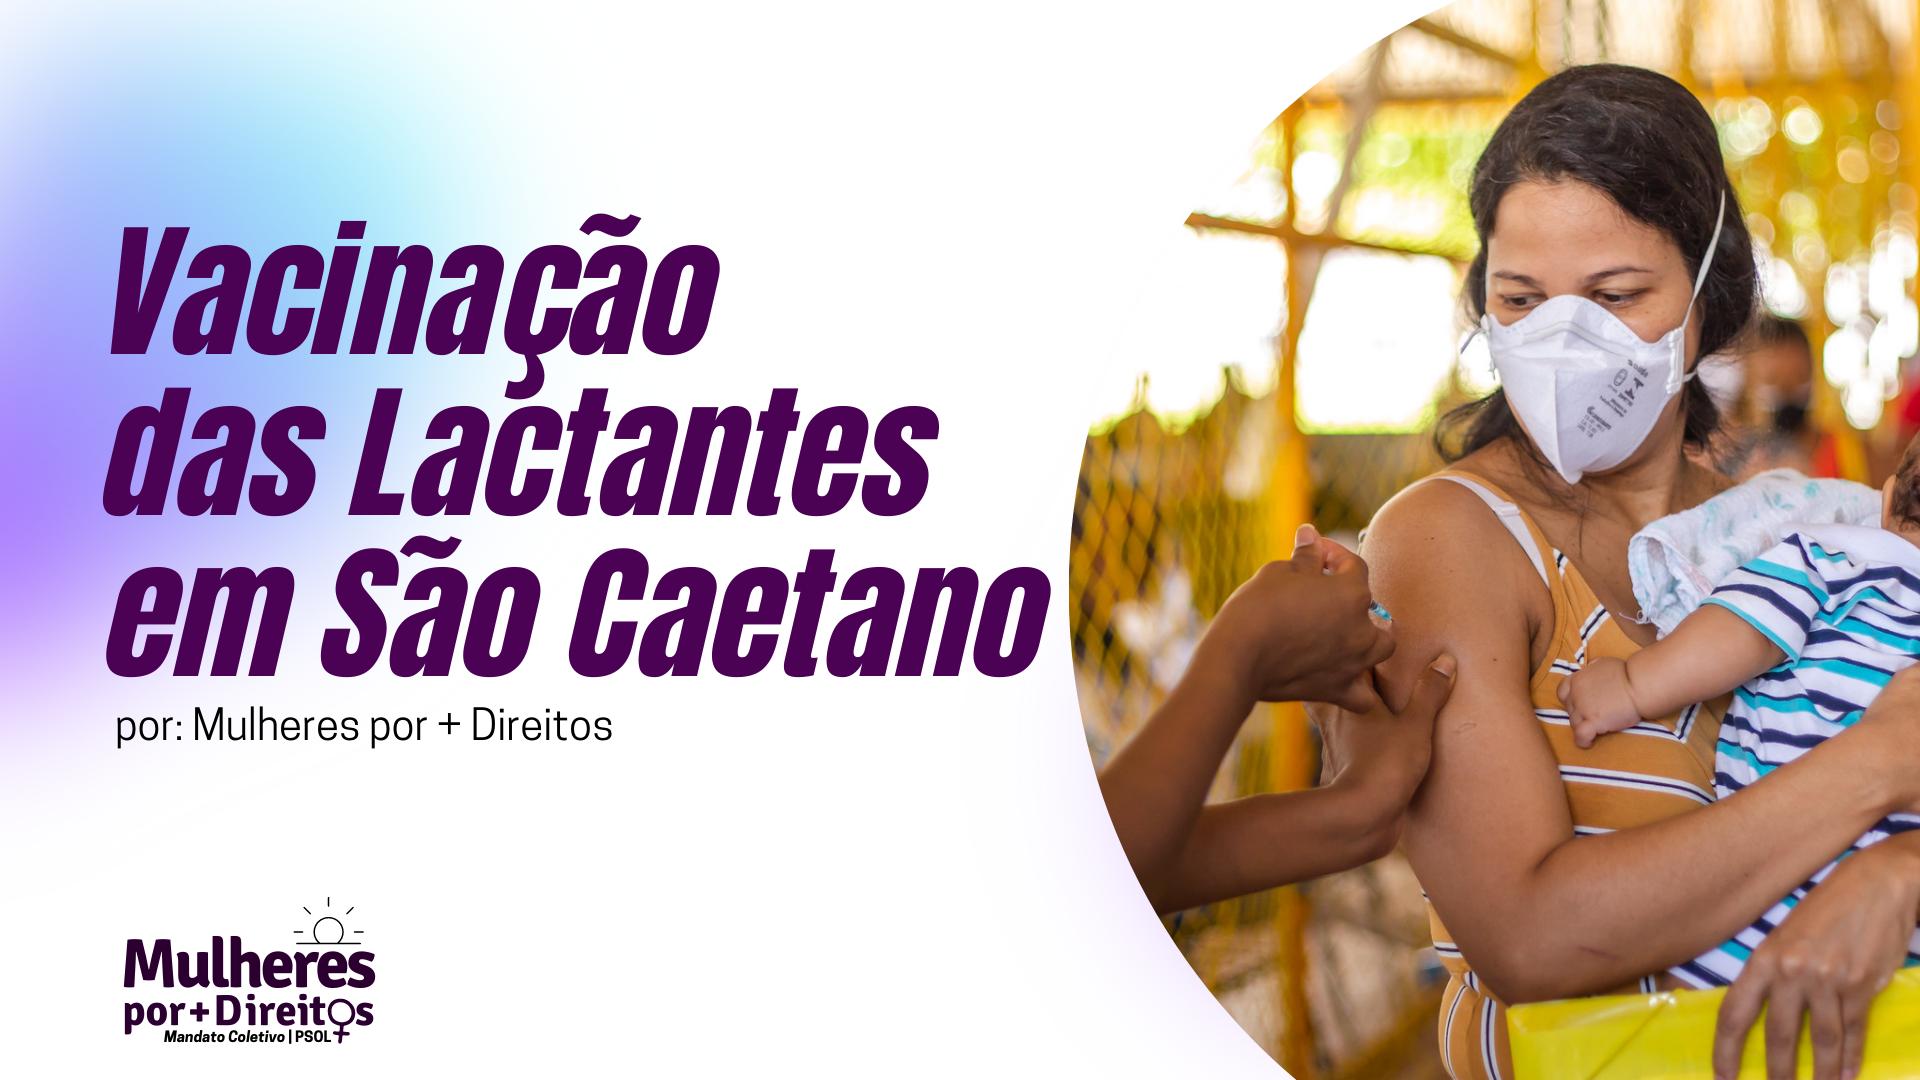 Vacinação das Lactantes em São Caetano